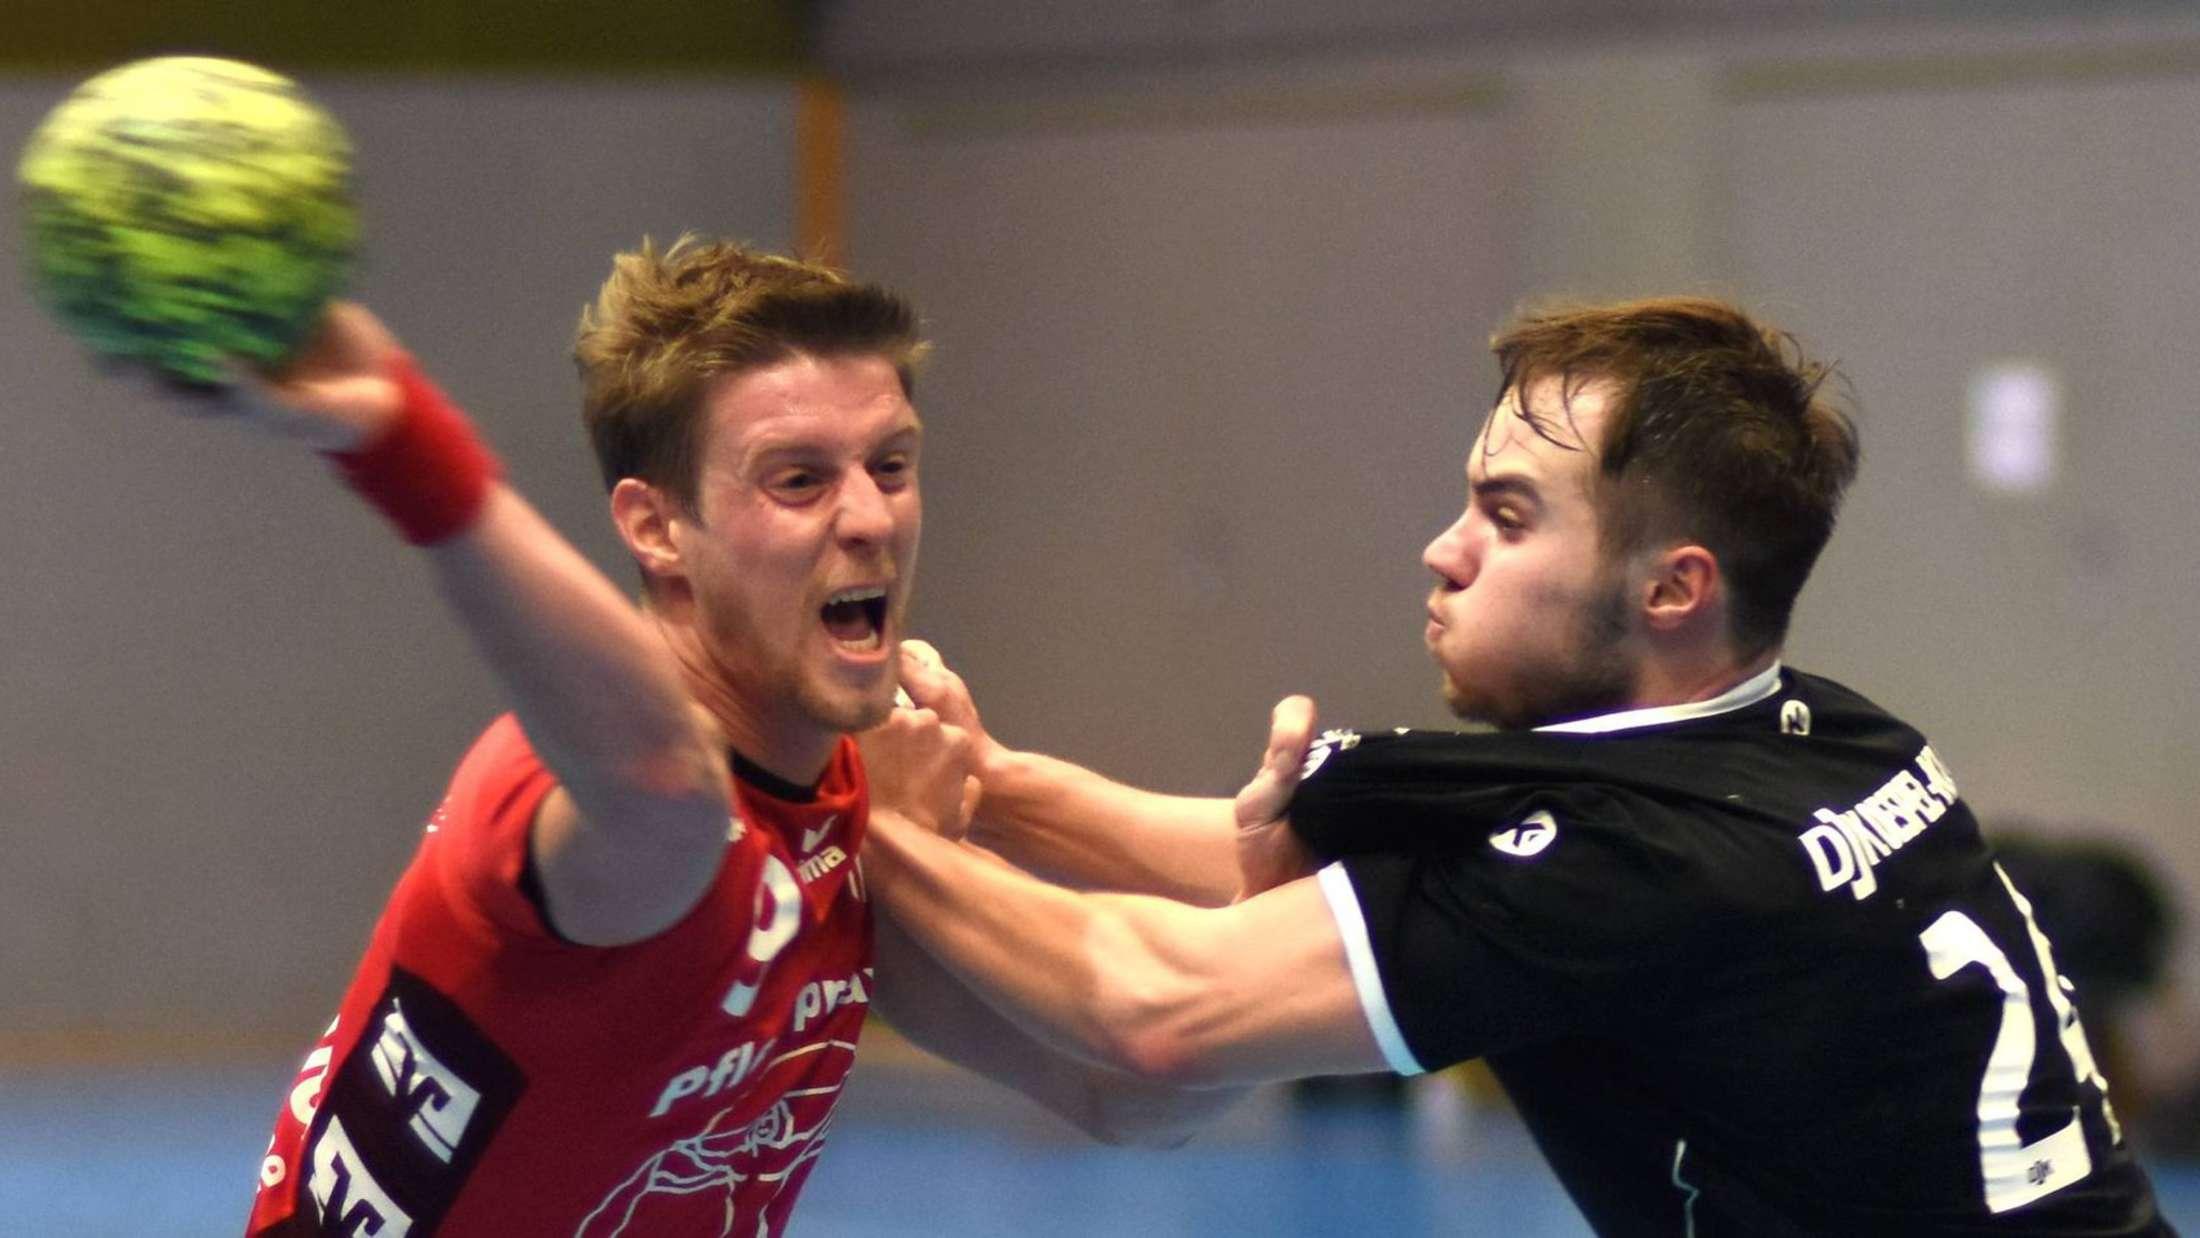 Mit purem Willen zum Erfolg: Dennis Geckert und der RSV Altenbögge gewinnen das wichtige Spiel gegen Oespel-Kley - Foto: Baur